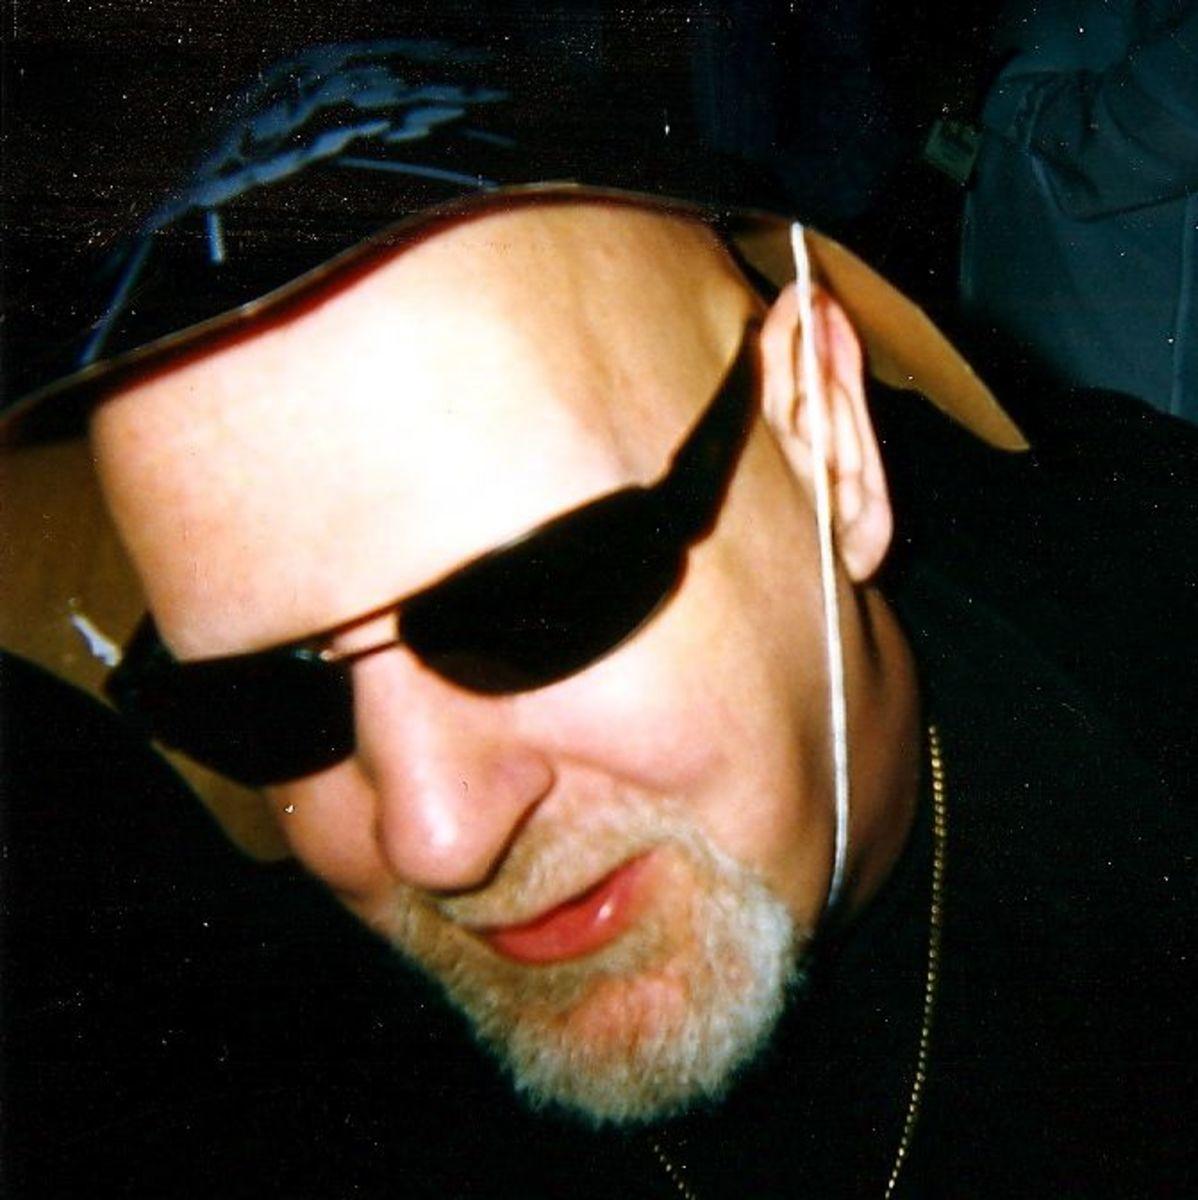 Jimmy Schrader